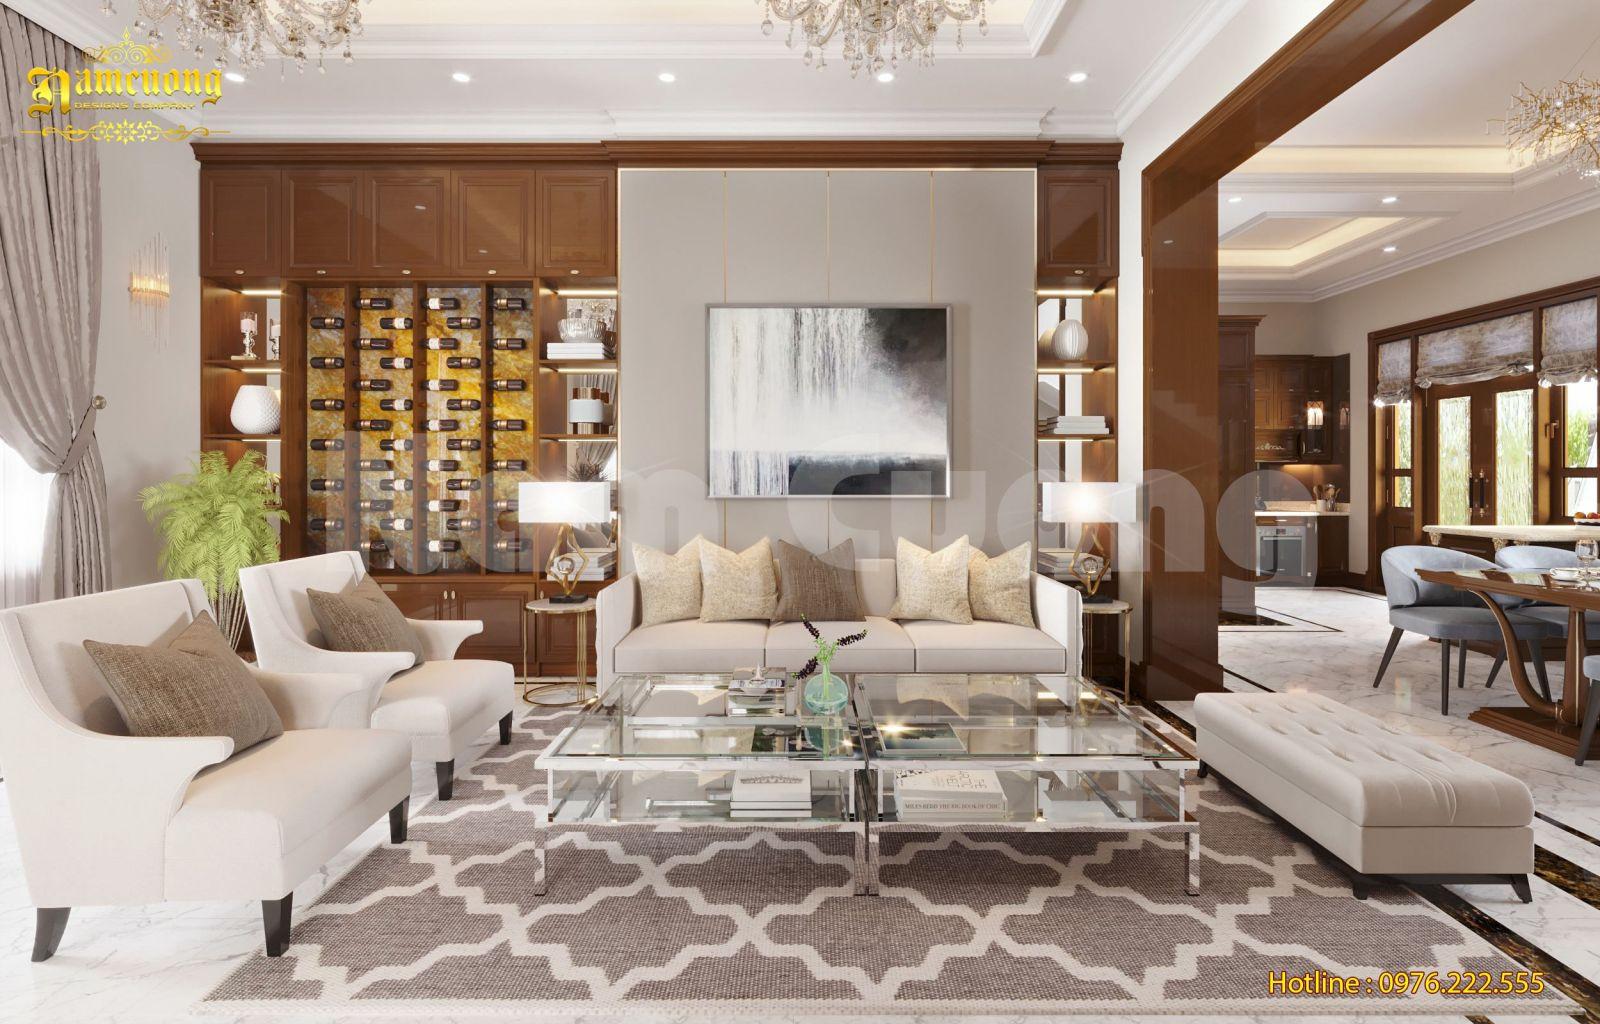 Hoàn thành nội thất tân cổ điển cho biệt thự 3 tầng